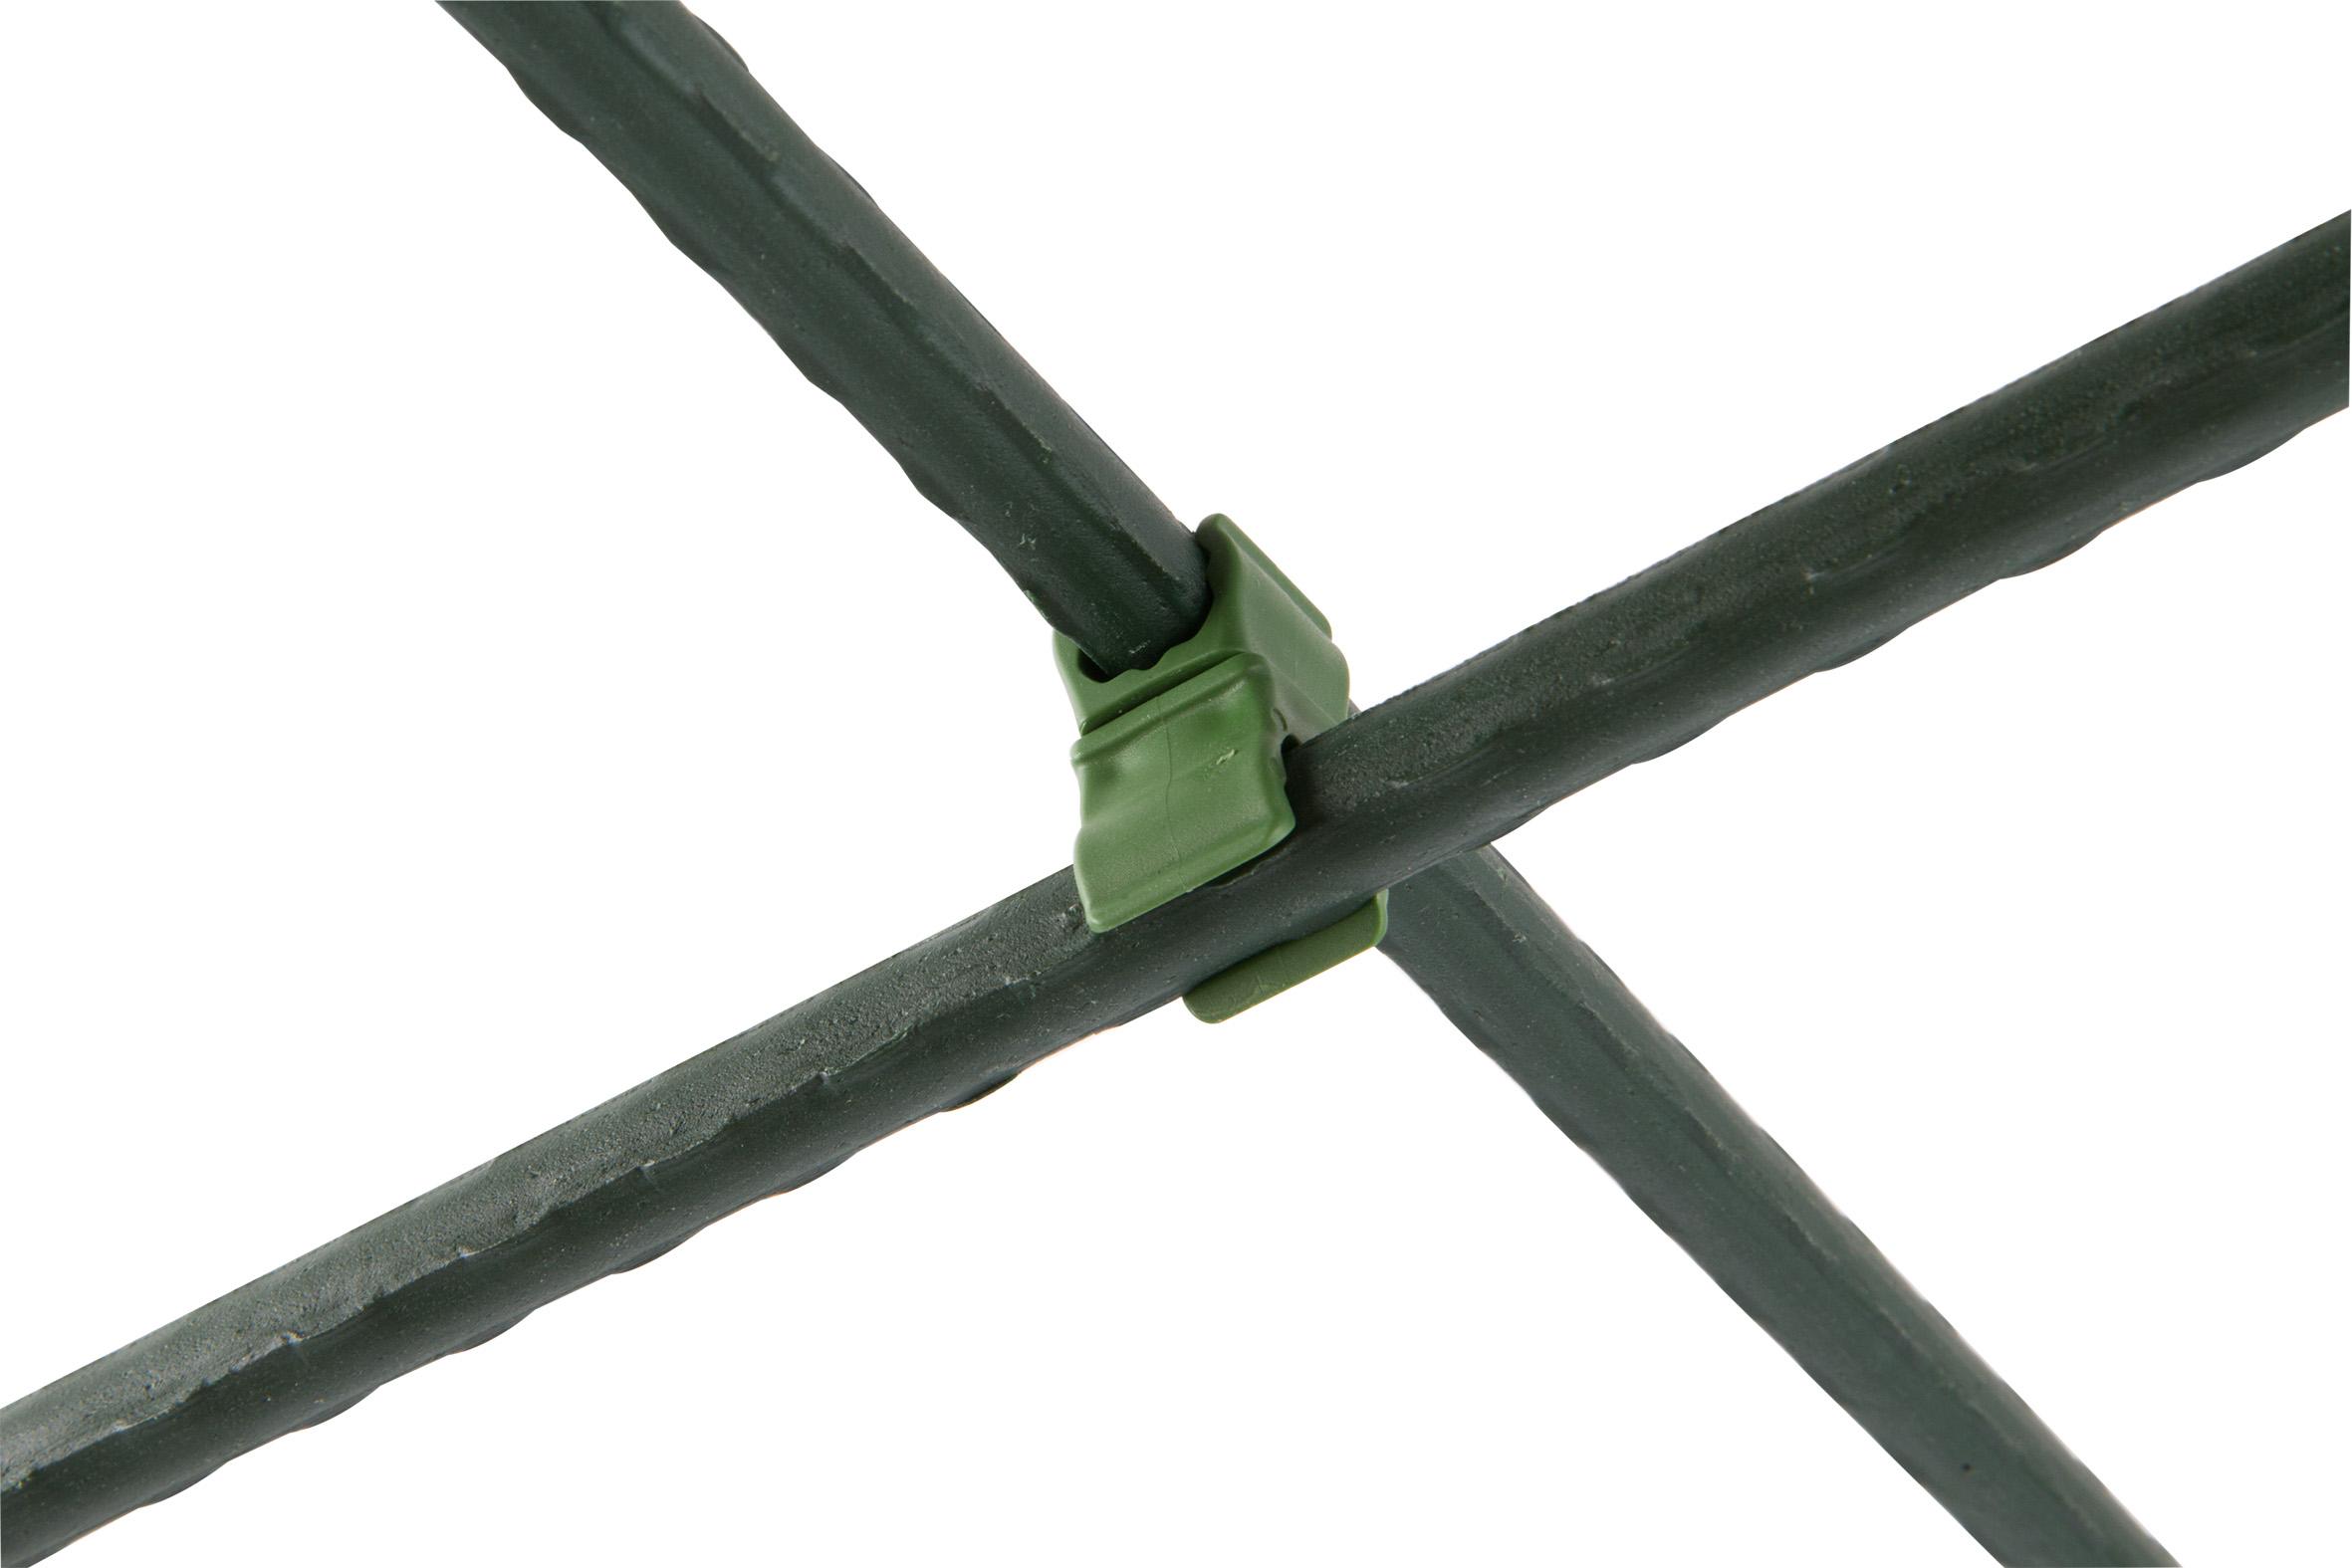 Spojka plastová 8 mm - 45670 4Kg